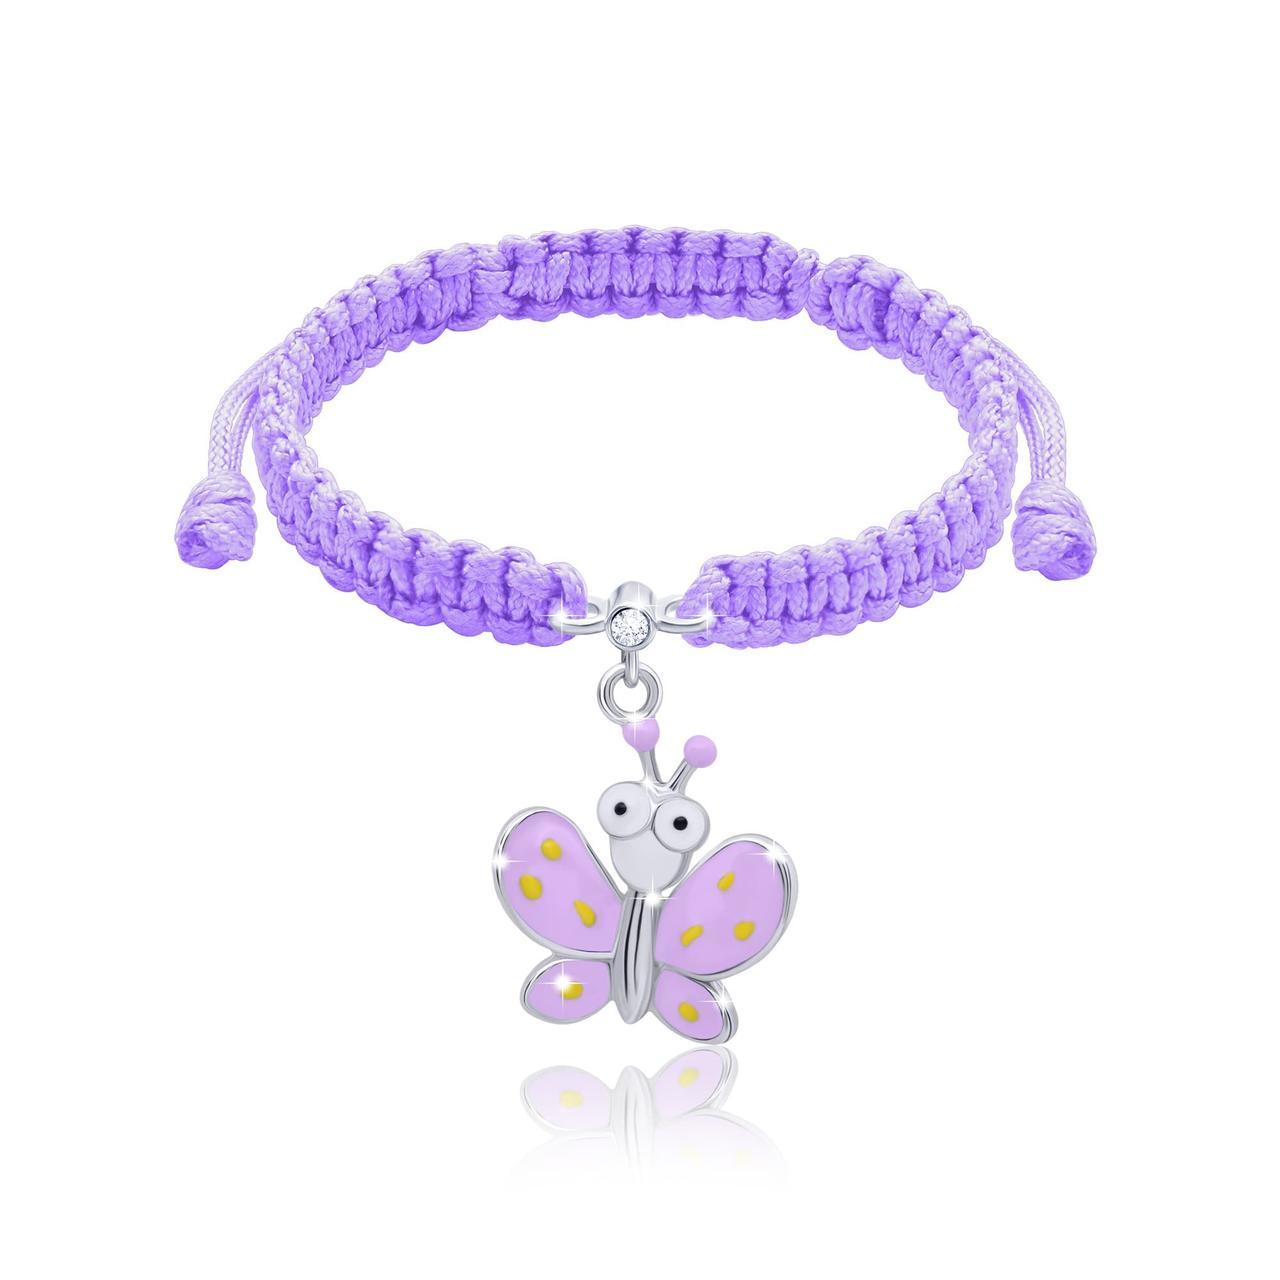 Браслет плетеный UMa UMi Бабочка фиолетовая с глазами (419543000613)